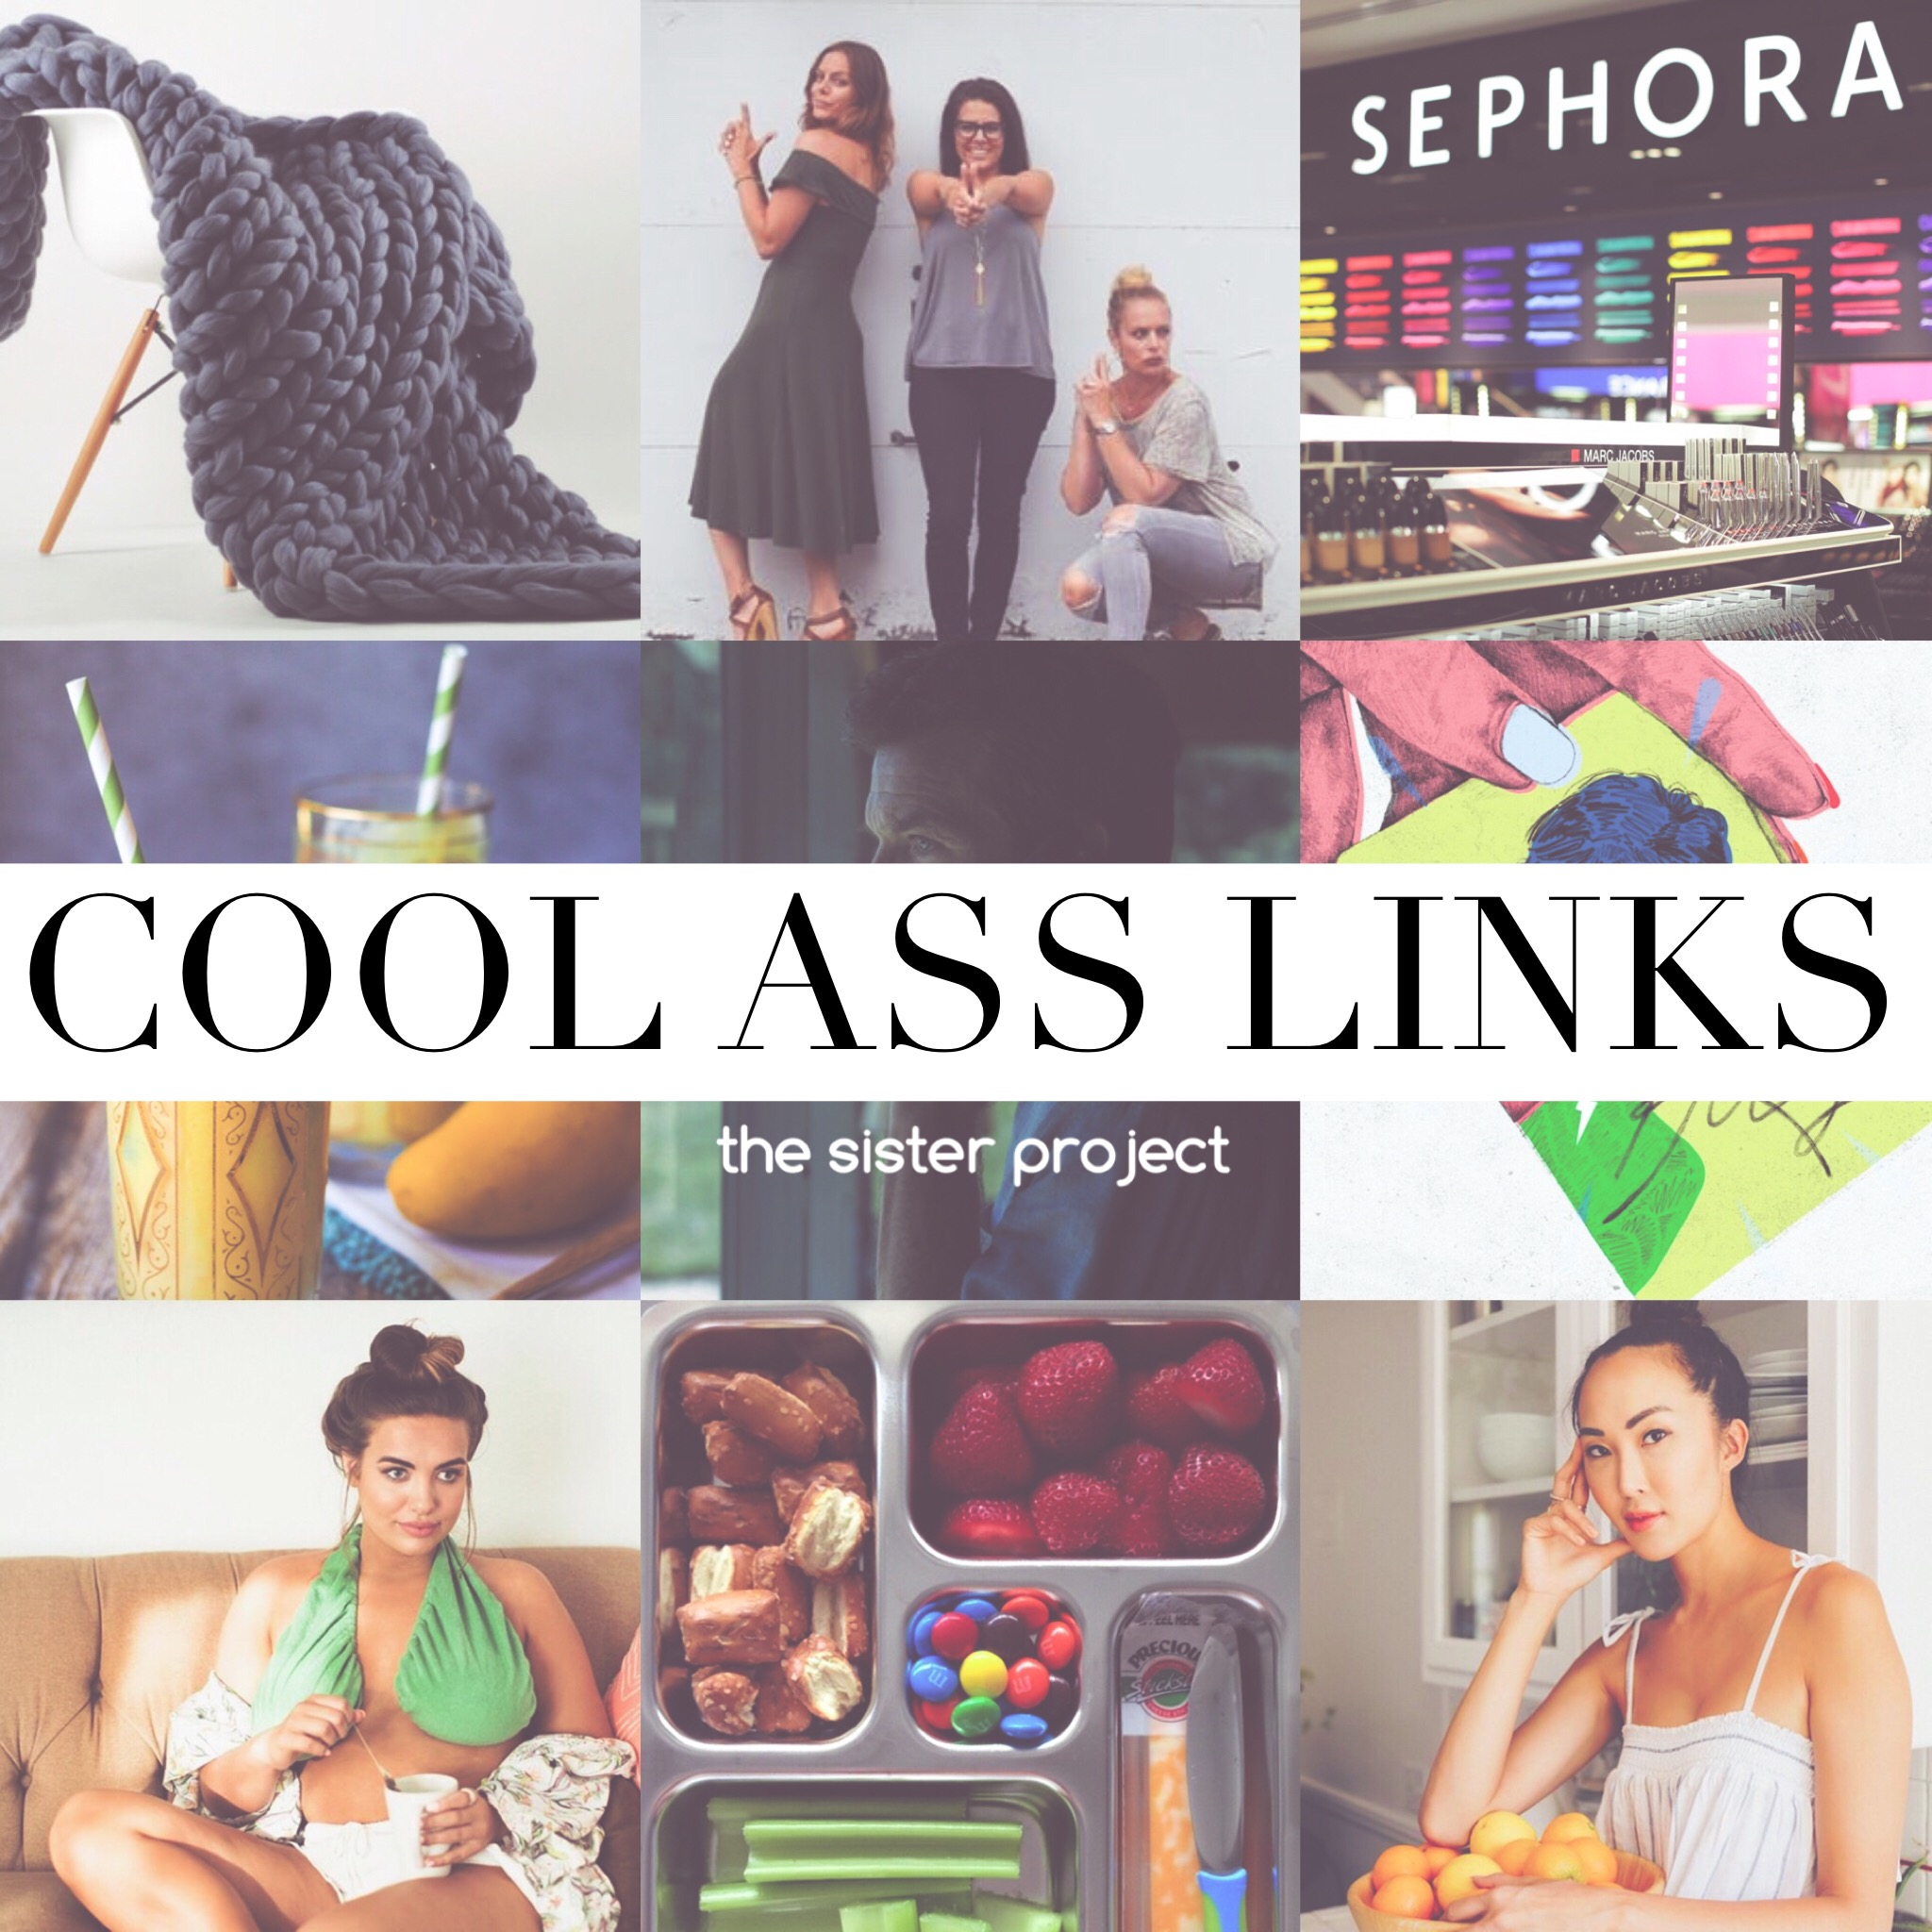 Cool Ass Links